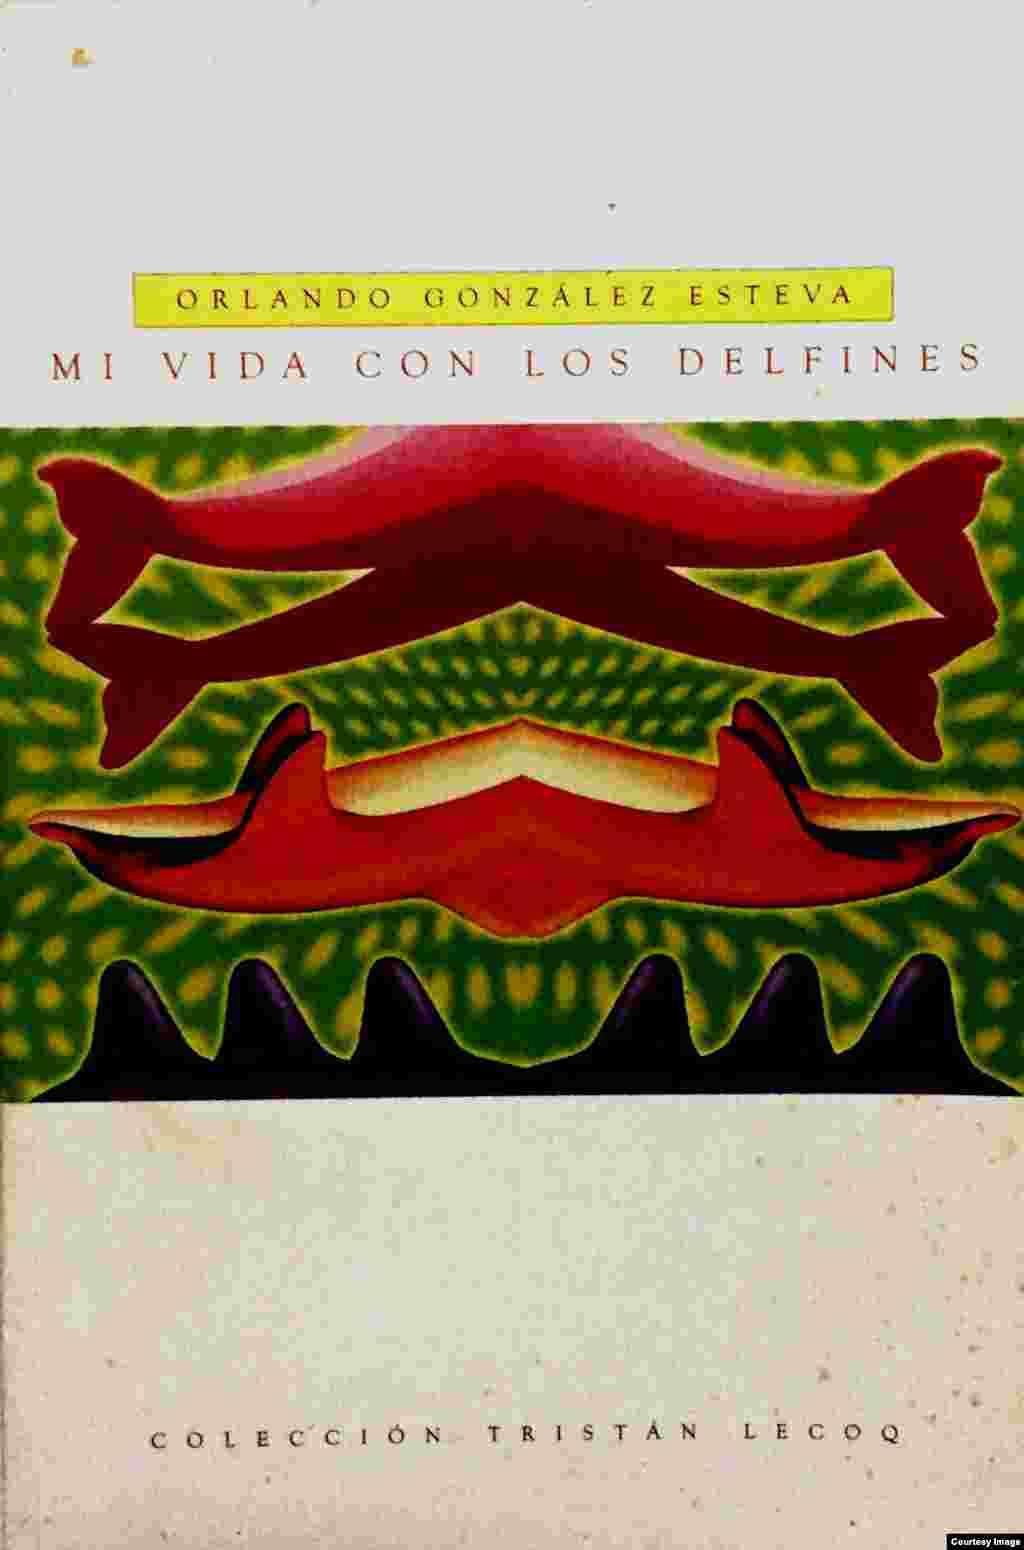 """""""Mi vida con los delfines"""", Orlando González Esteva, Col. Tristán Lecoq, Fondo Nacional para las Culturas y las Artes (FONCA), México, 1998."""